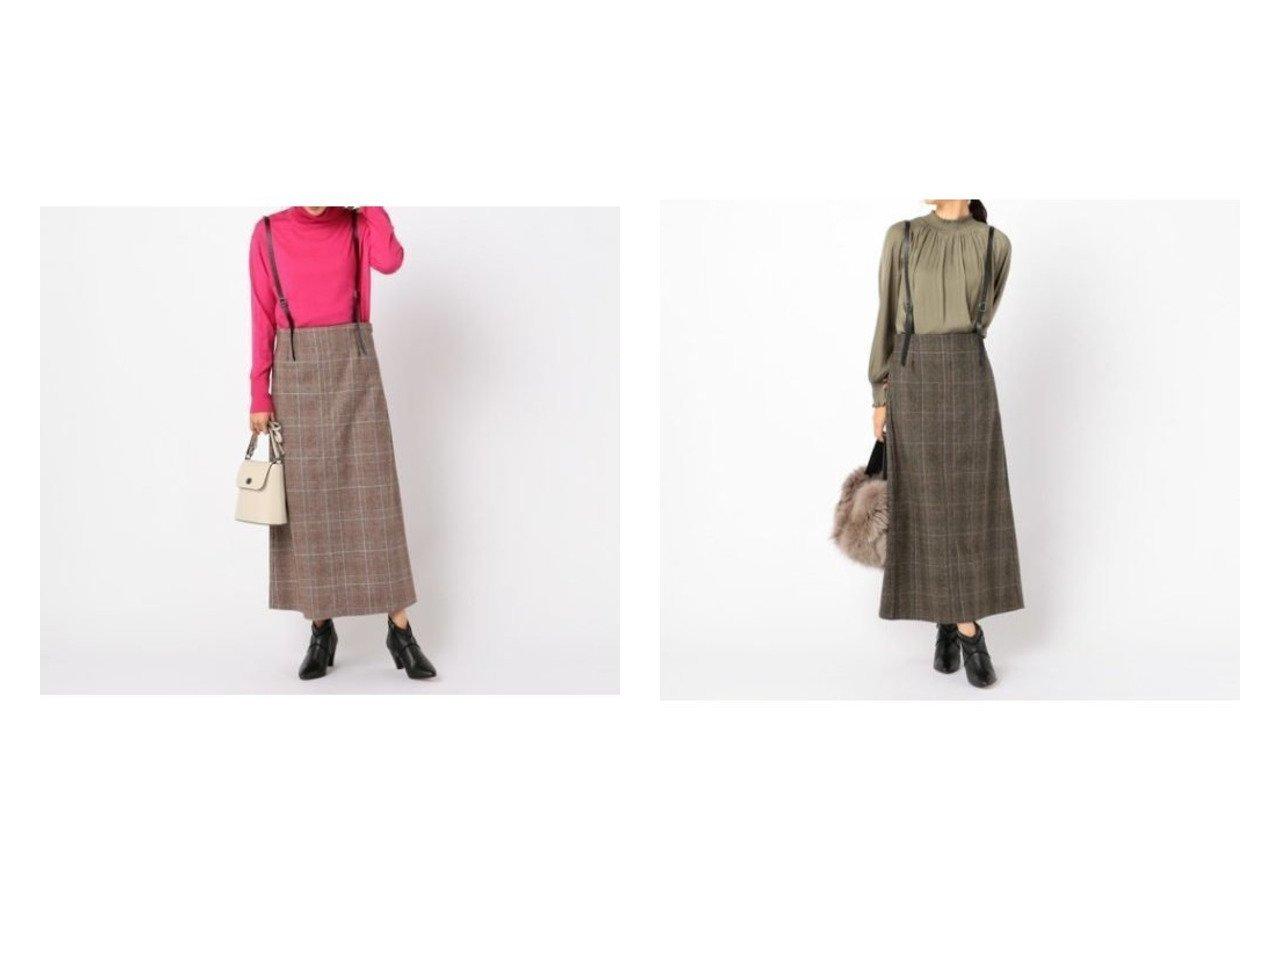 【NOLLEY'S/ノーリーズ】のグレンチェックサスペンダー付スカート スカートのおすすめ!人気、レディースファッションの通販  おすすめで人気のファッション通販商品 インテリア・家具・キッズファッション・メンズファッション・レディースファッション・服の通販 founy(ファニー) https://founy.com/ ファッション Fashion レディース WOMEN スカート Skirt カットソー サスペンダー チェック トレンド マキシ ロング A/W 秋冬 Autumn &  Winter |ID:crp329100000004074